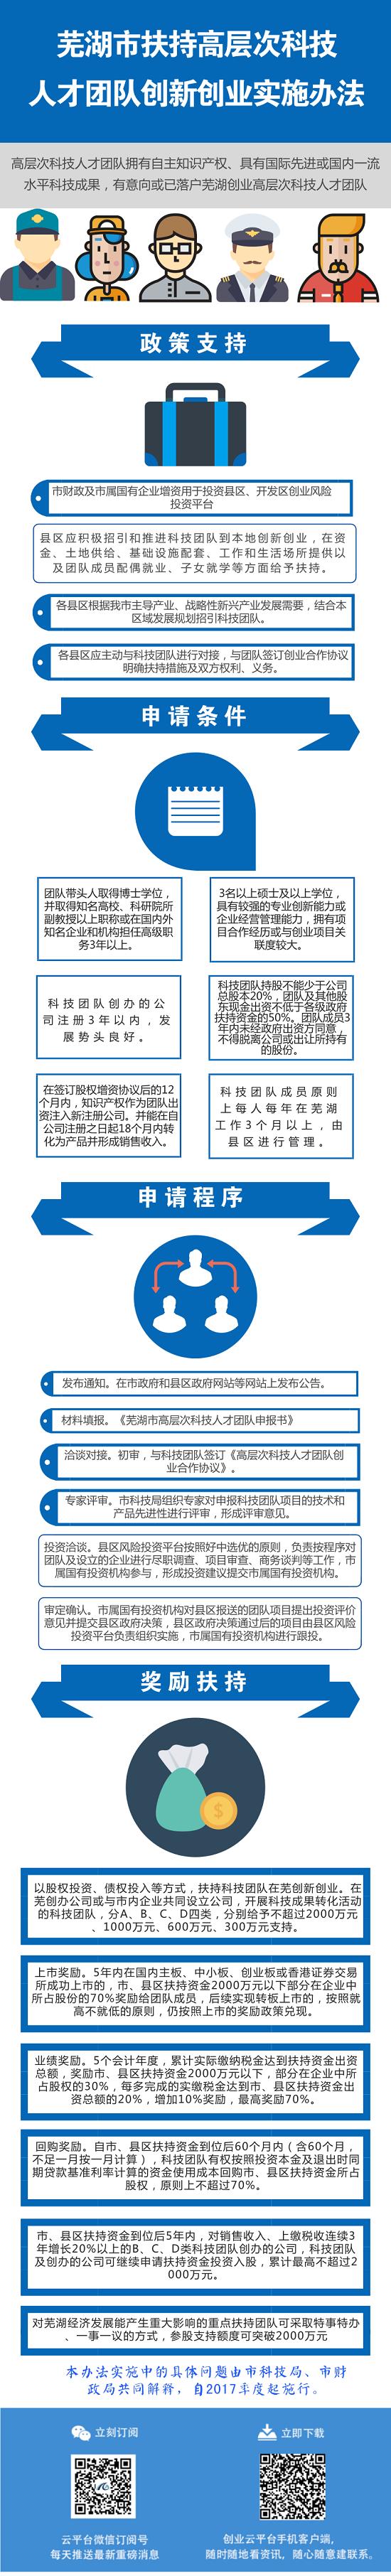 芜湖市扶持高层次科技人才团队创新创业实施办法.png